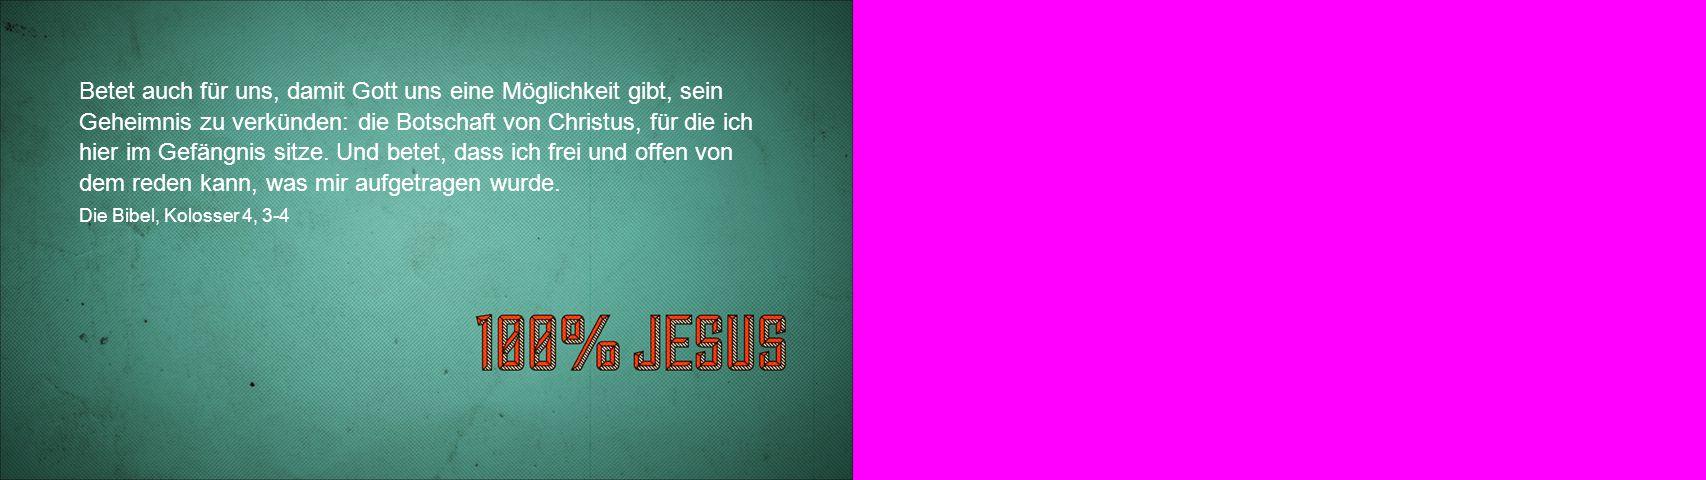 Betet auch für uns, damit Gott uns eine Möglichkeit gibt, sein Geheimnis zu verkünden: die Botschaft von Christus, für die ich hier im Gefängnis sitze